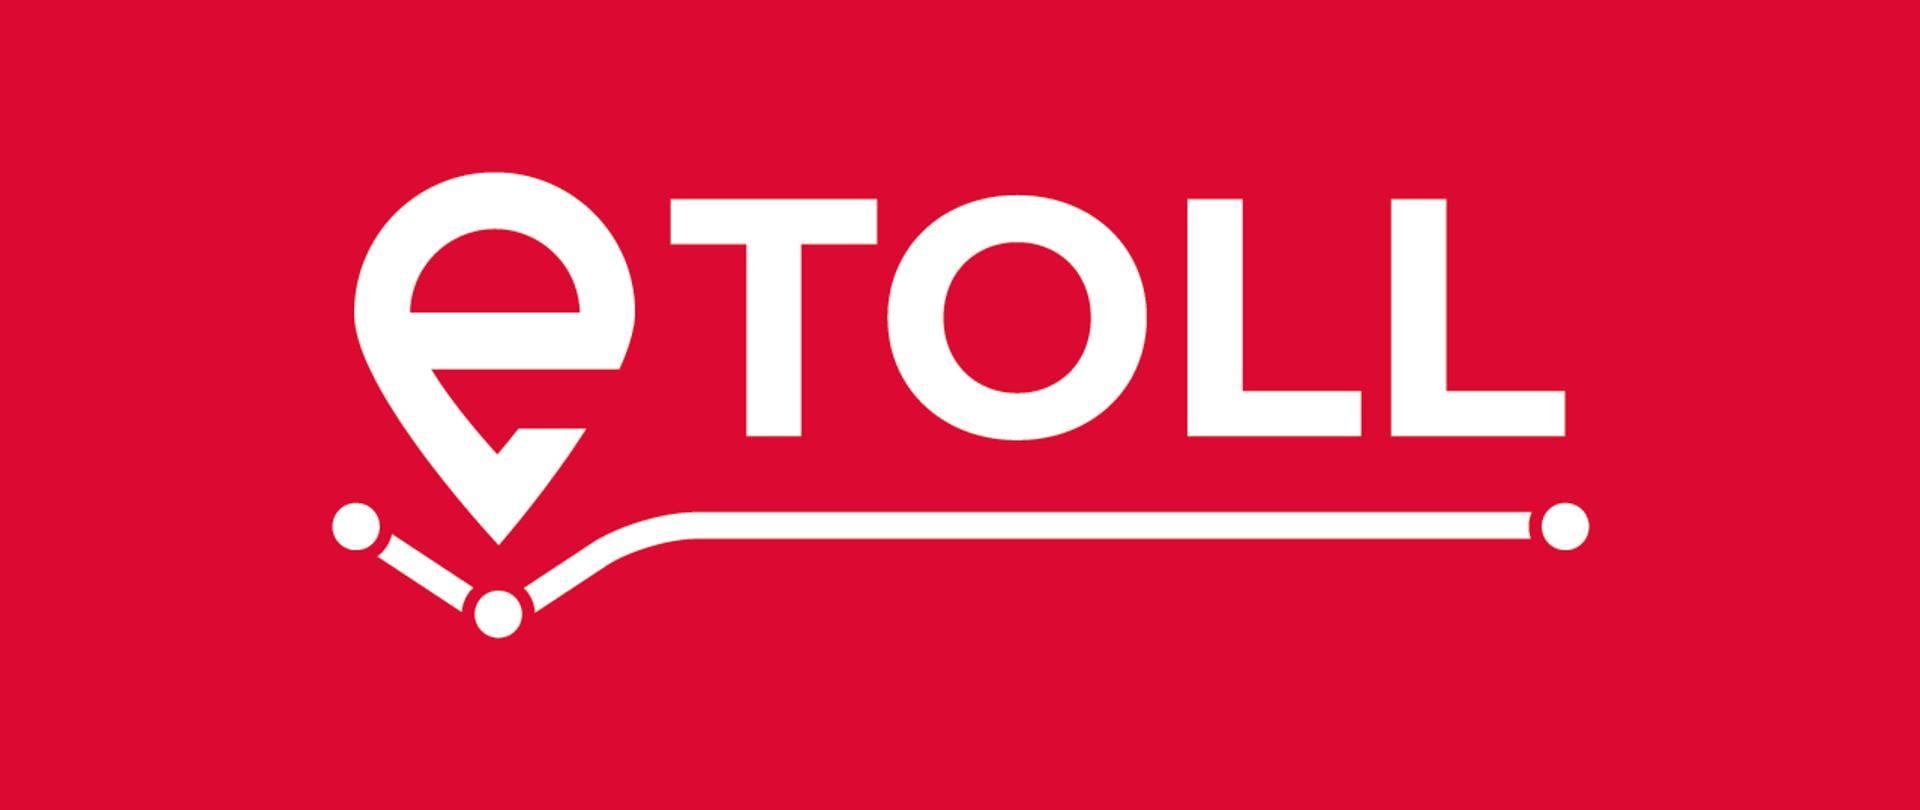 Новая система e-TOLL уже работает. Как пользоваться системой оплаты проезда? [Руководство]